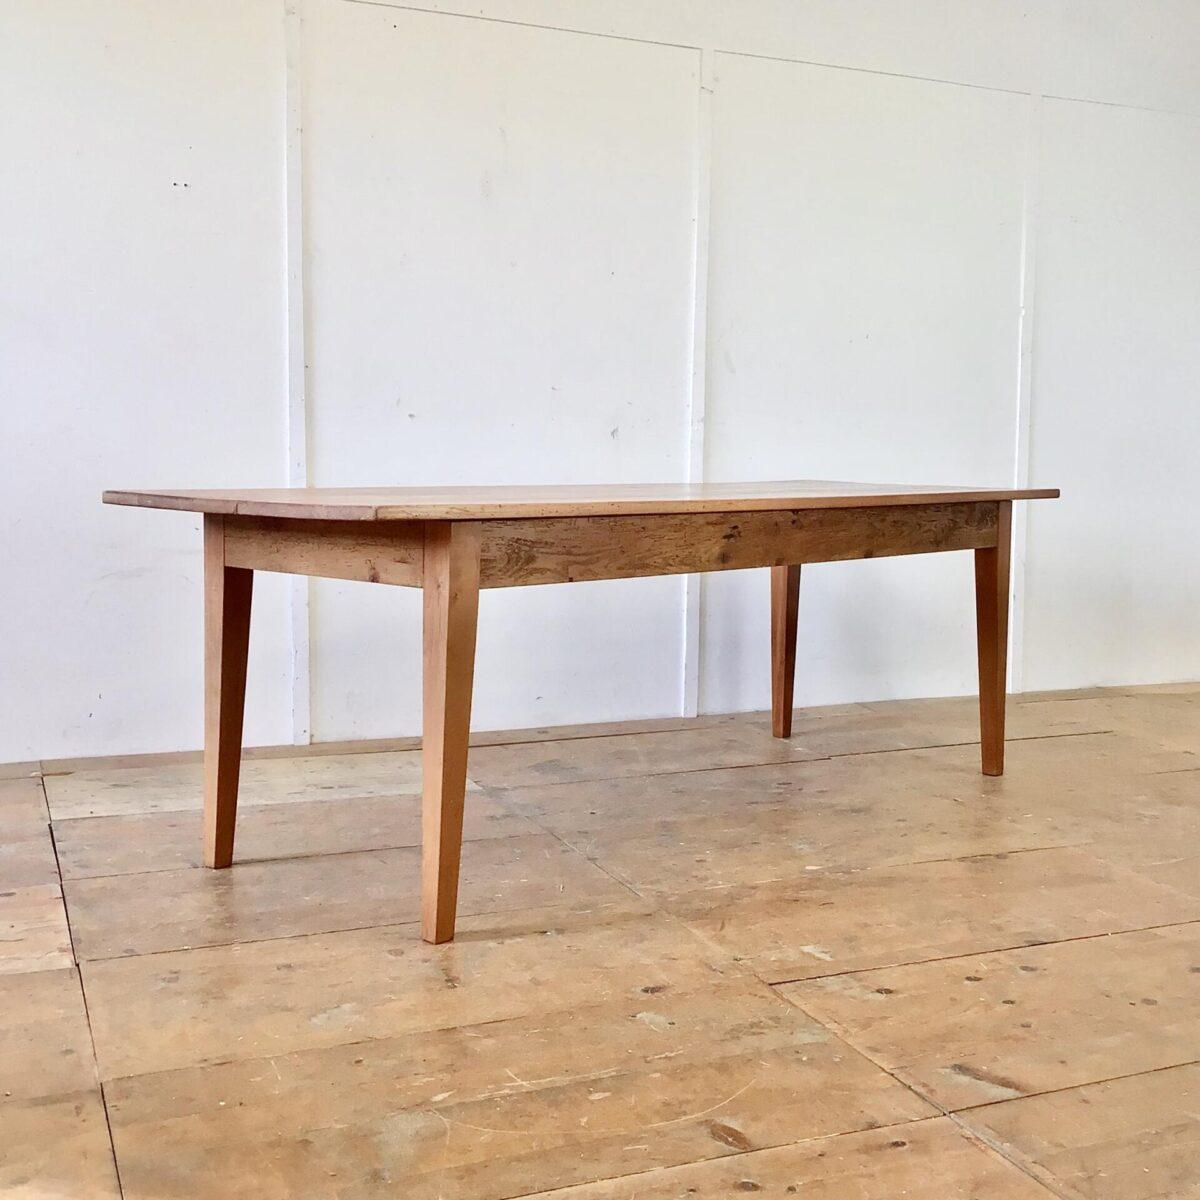 Deuxieme.shop Rötlicher Buchenholz Esstisch. 231x82cm Höhe 76cm. Dieser Lebhafte Holztisch mit Wurmlöchern und Alterspatina ist unrestauriert. Jedoch alles stabil und in Alltagstauglichem Zustand.